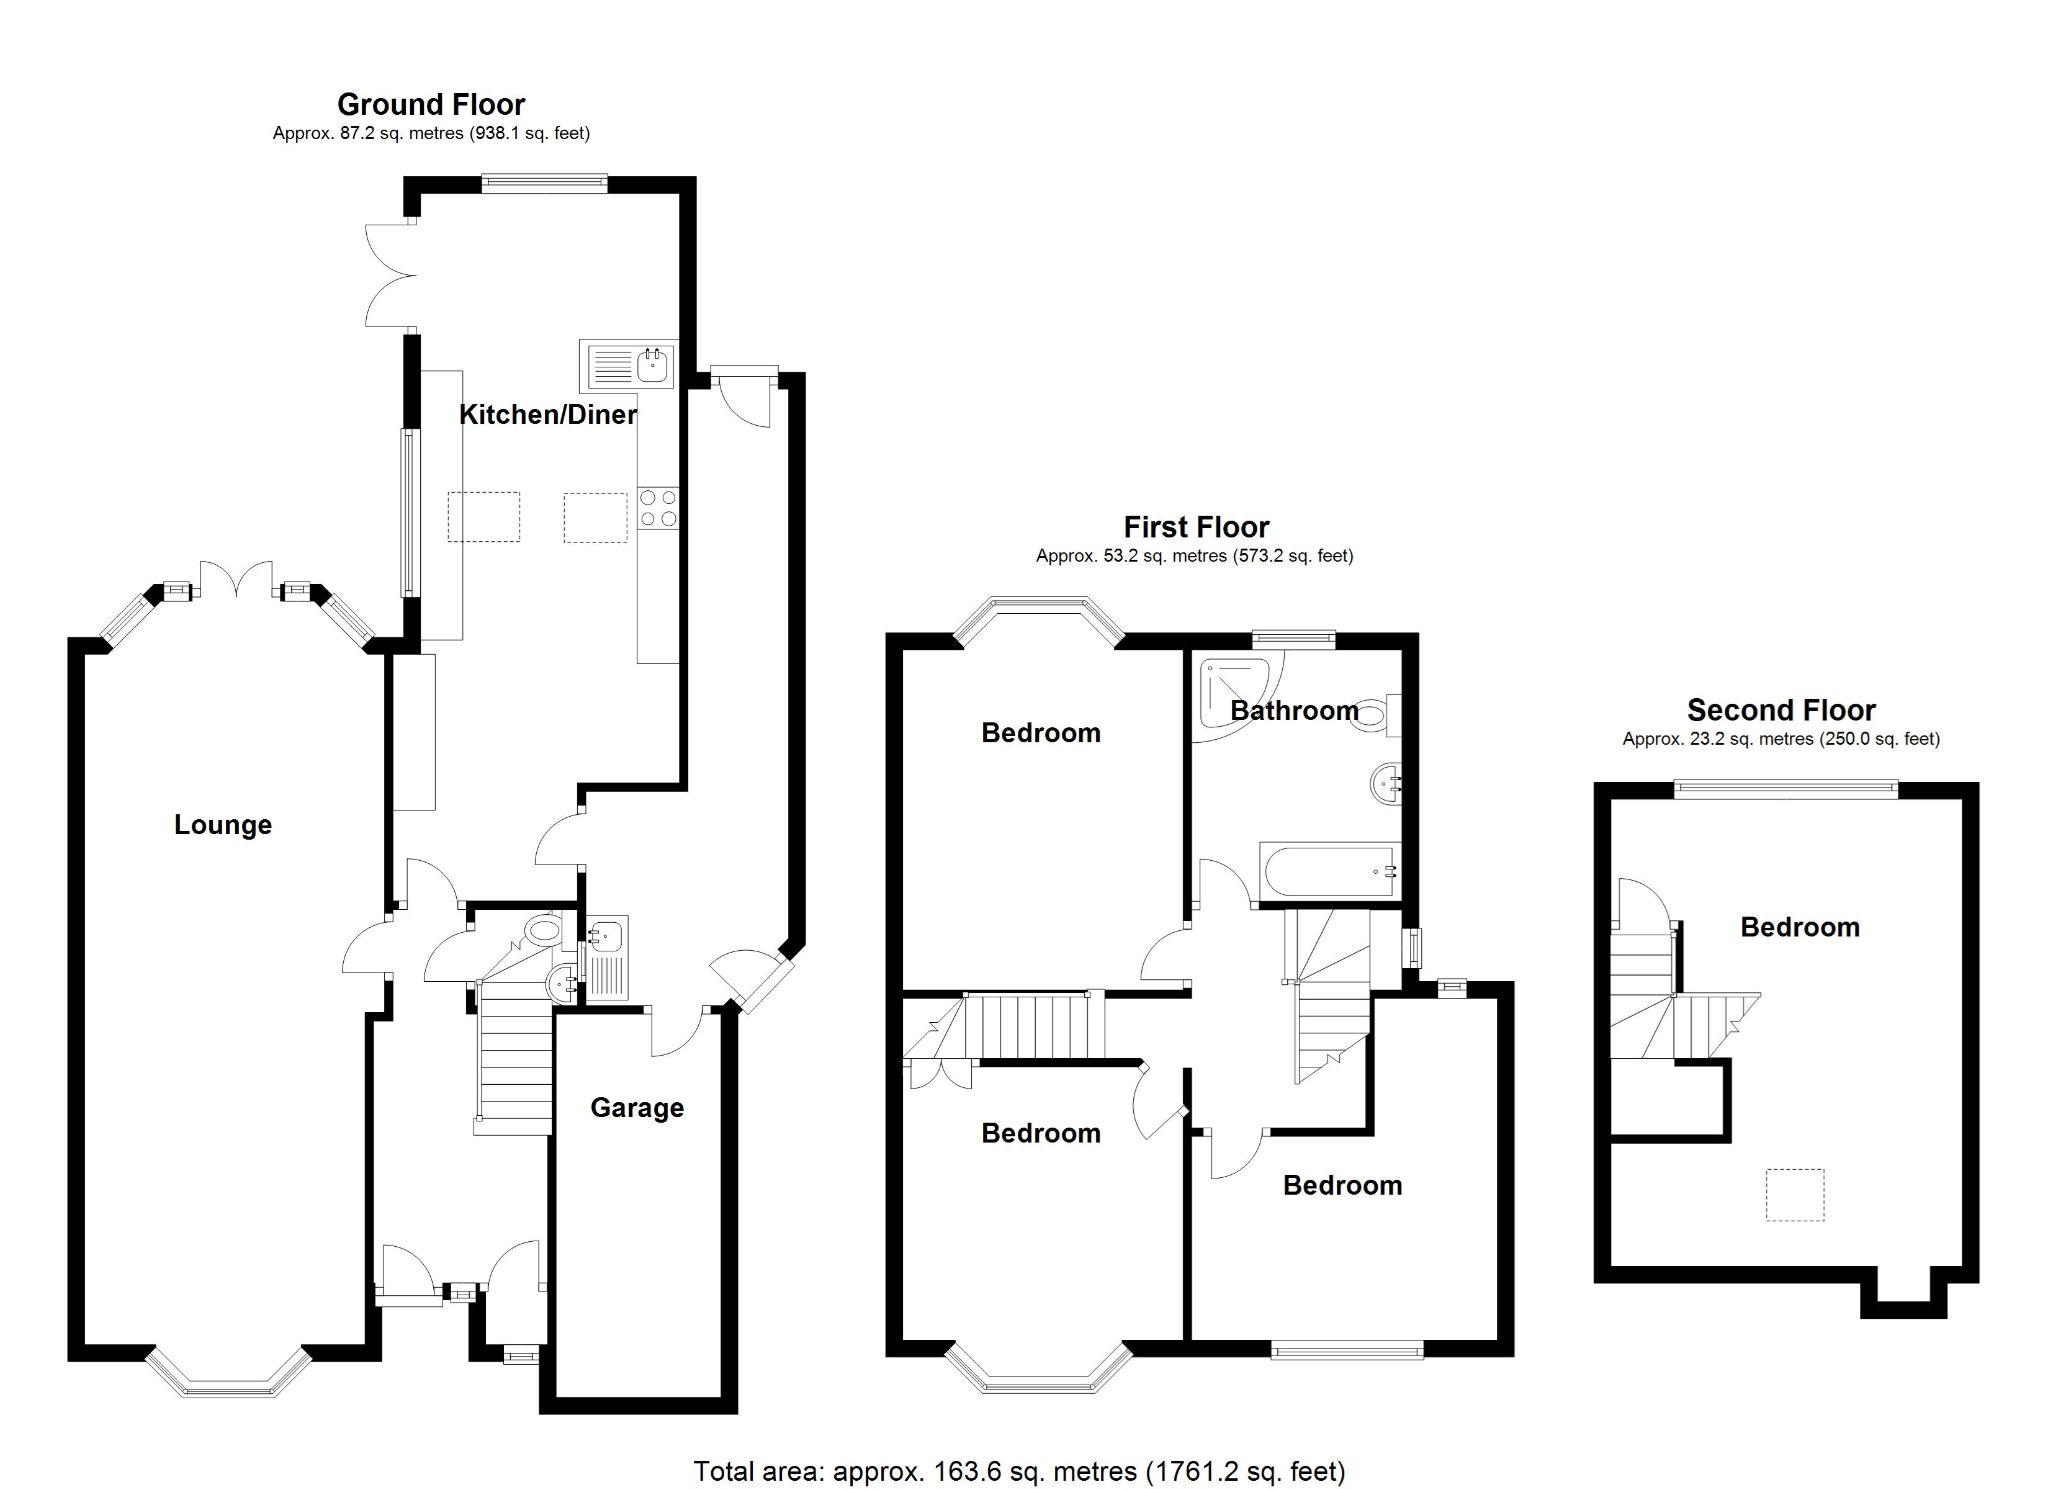 4 bedroom semi-detached house SSTC in Solihull - Floorplan 1.